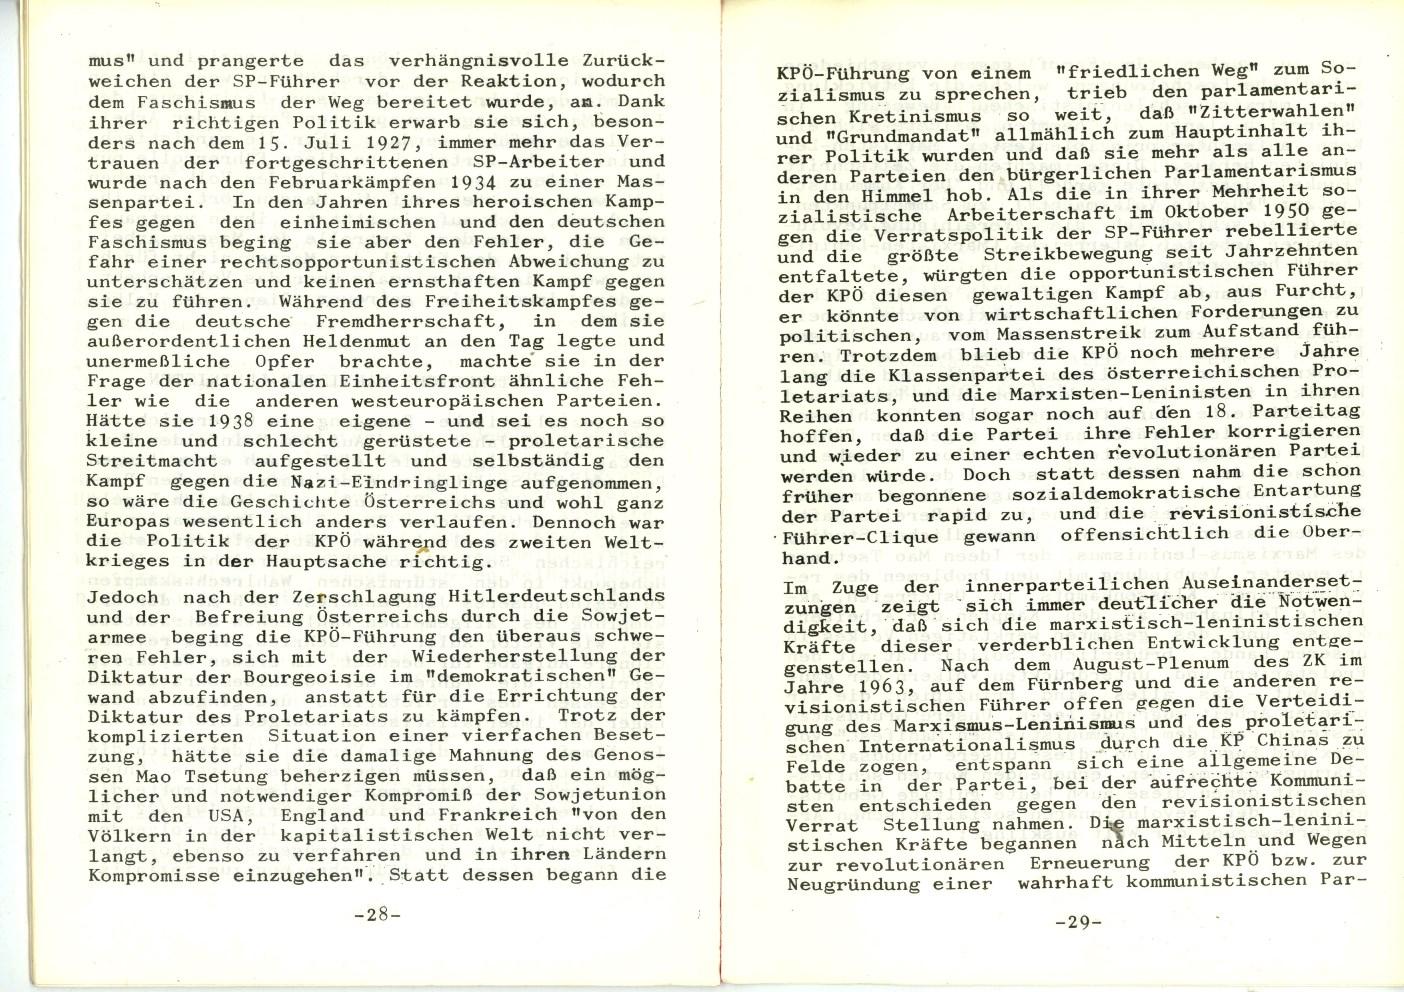 VRA_Grundsatzerklaerung_1971_16